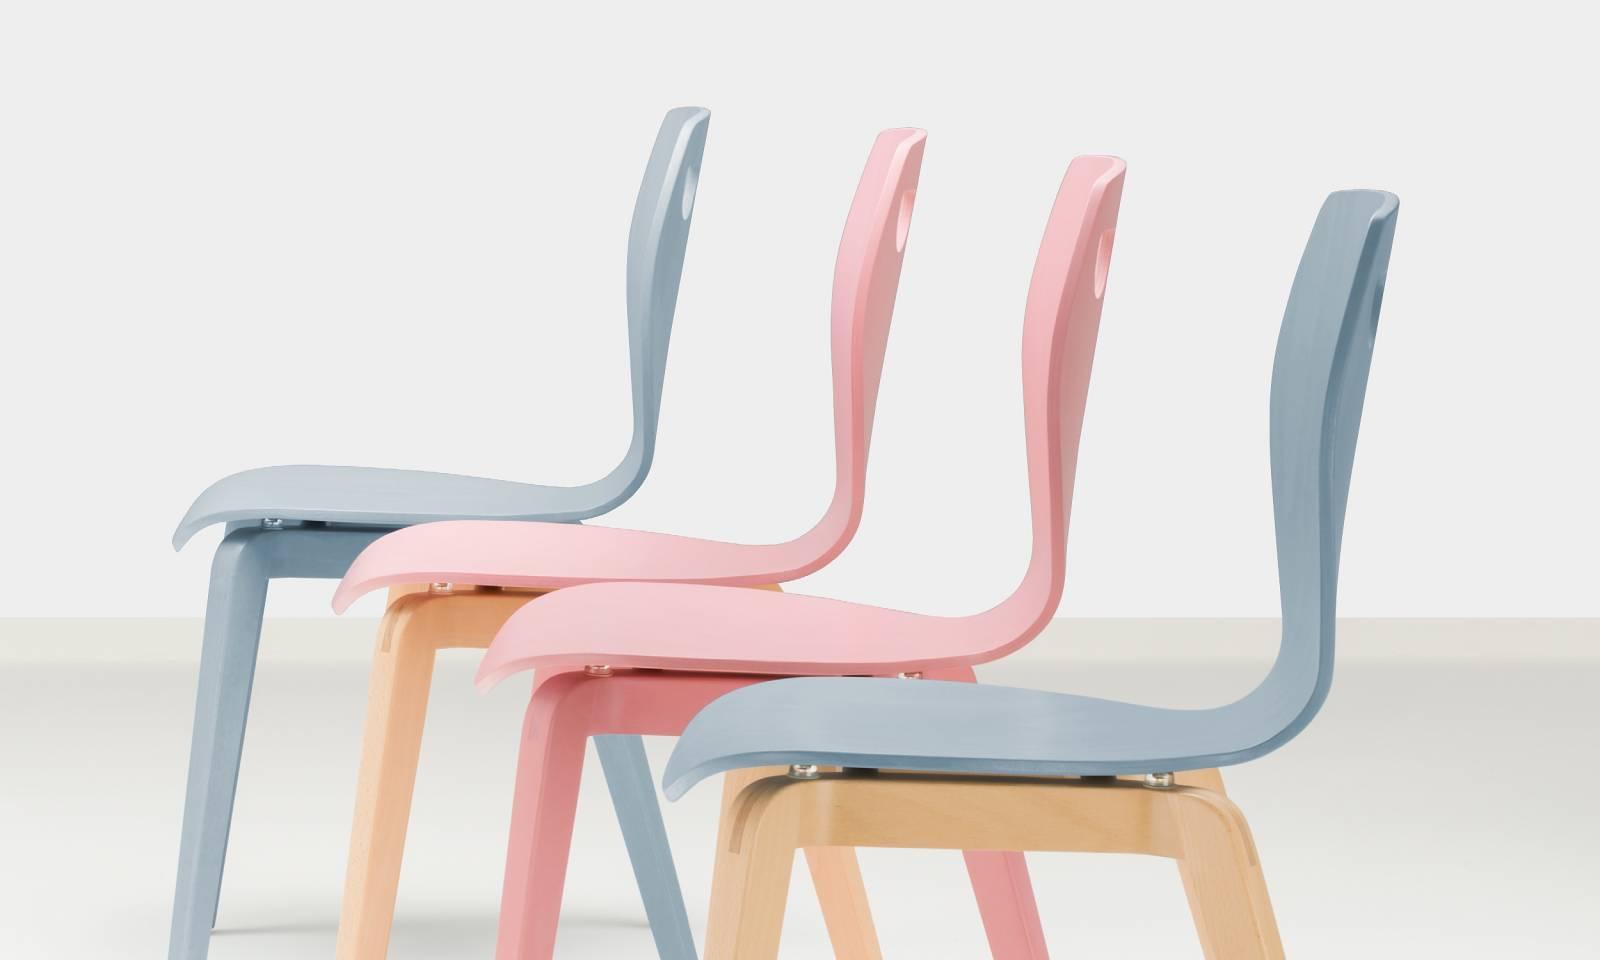 Chaises CAFE LGW de chez NOWYSTYL Group aux coloris pastel laissant apparaitre les veinures du bois sur Aix en Provence